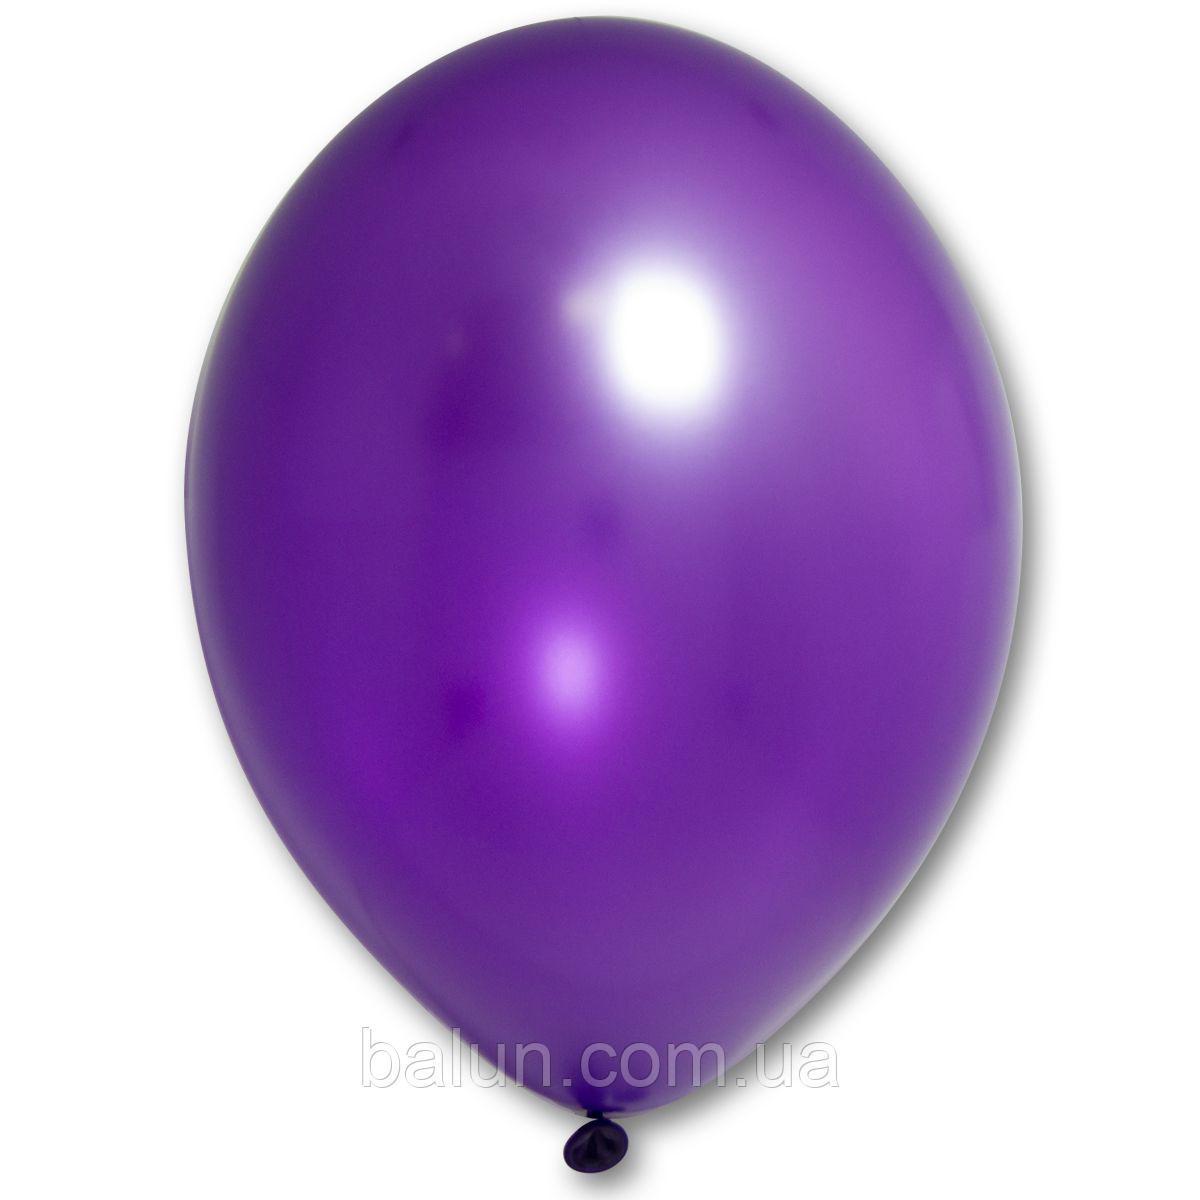 Belbal В105/062 Металлик фиолетовый